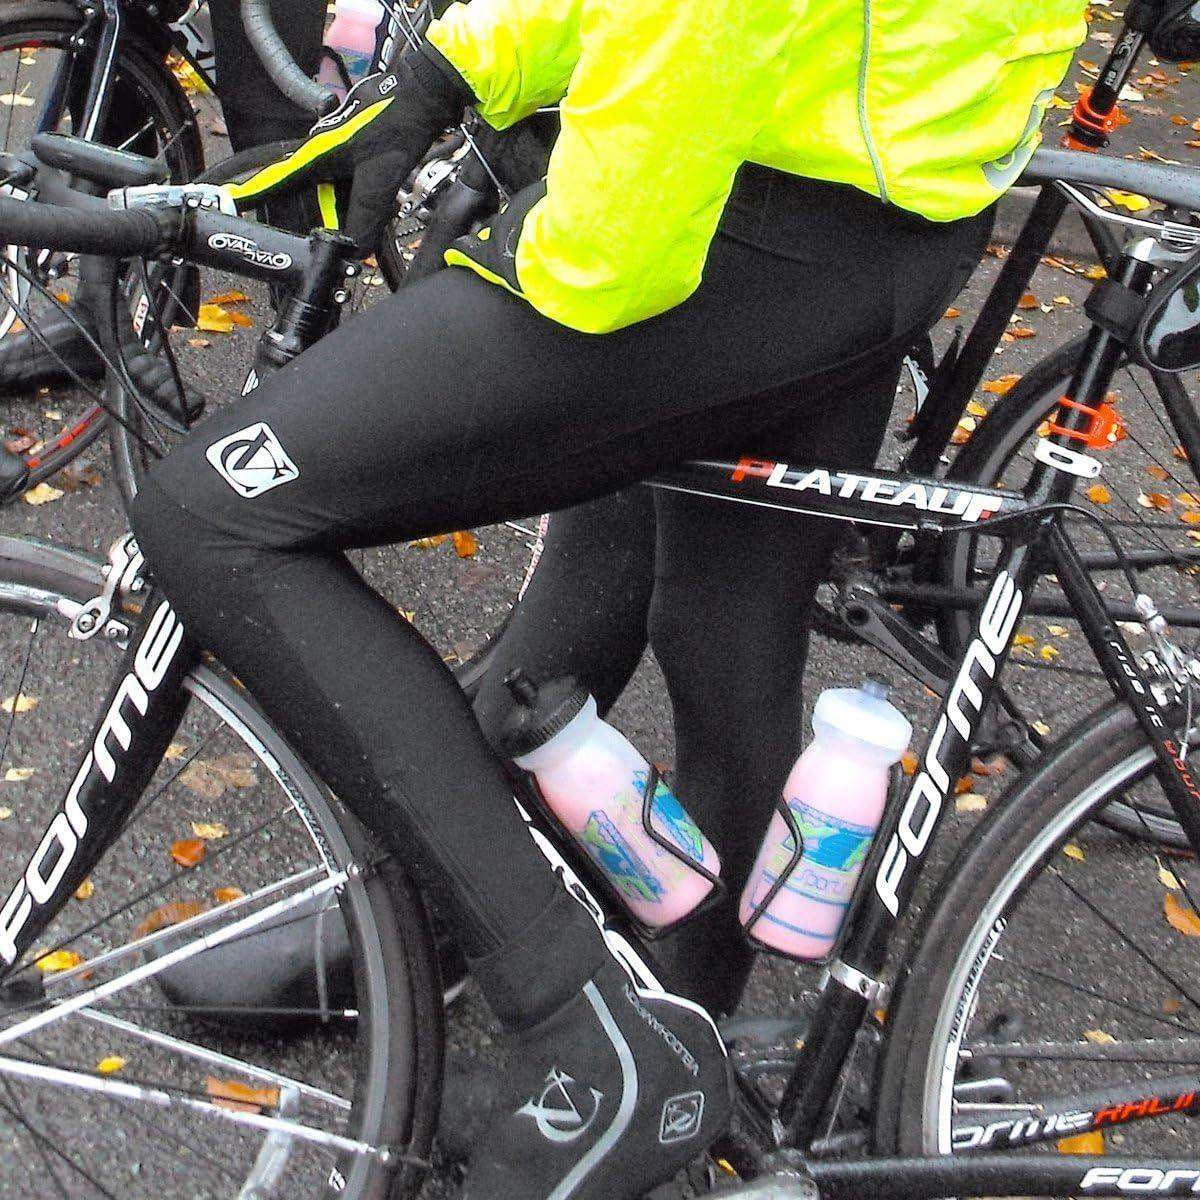 VeloChampion Fahrrad-Tr/ägerhose mit Thermo Tech-Winterfleecefutter und Airflow-Chamois-Polster Ideal f/ür das Winterradfahren